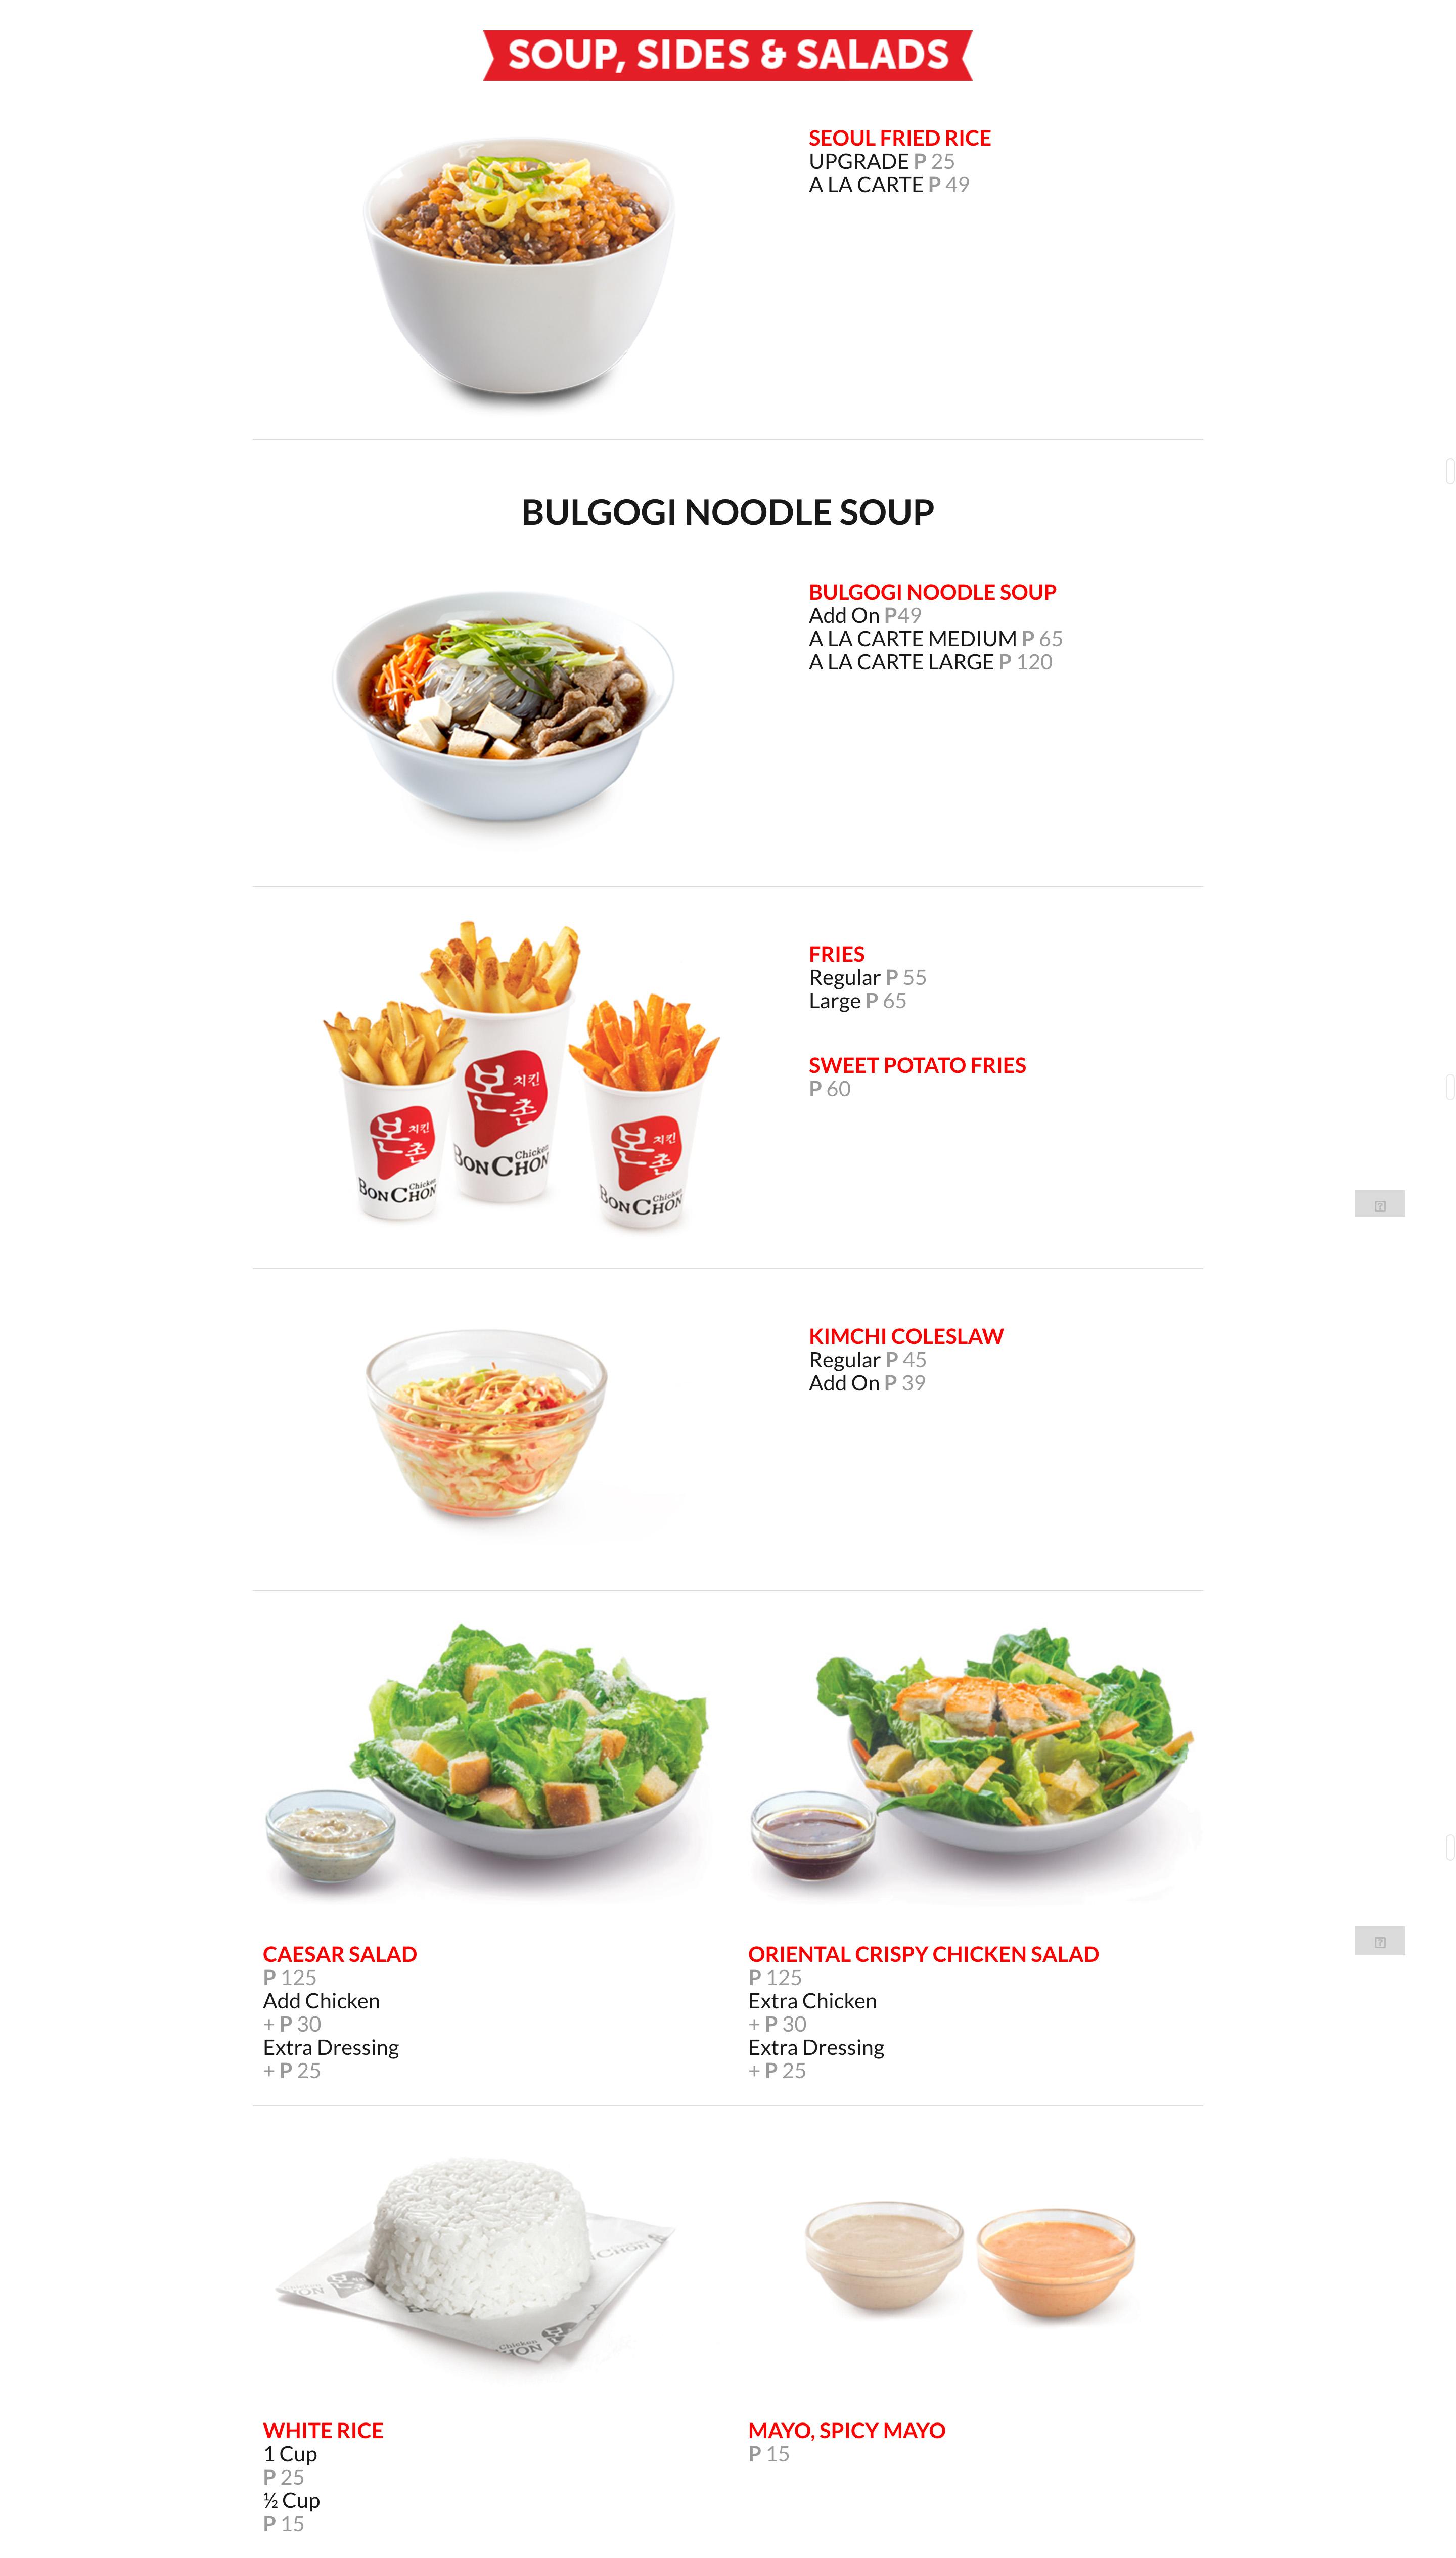 Bonchon Soups Sides Salads Menu